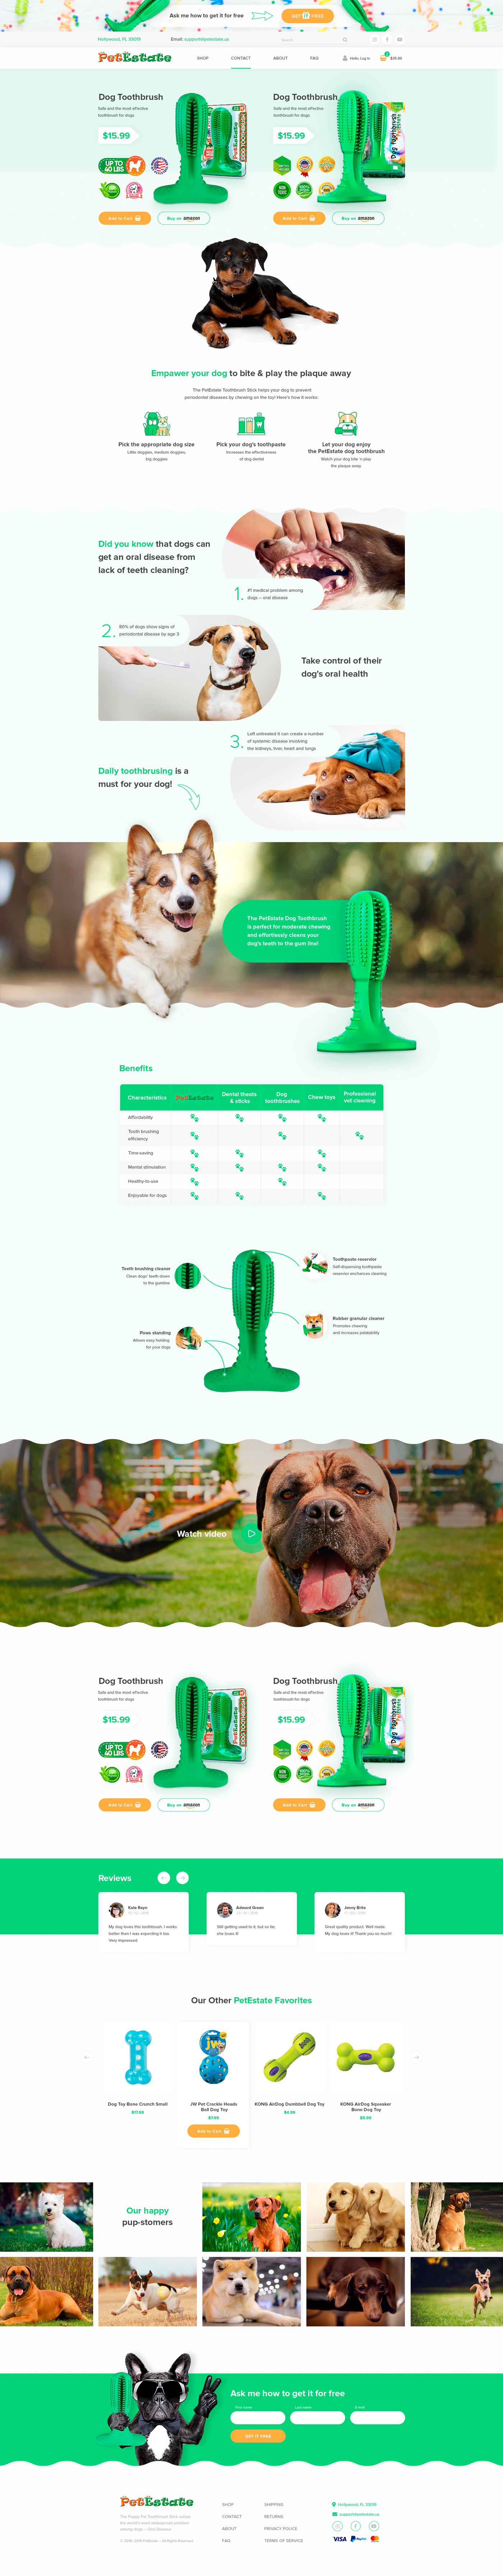 Интернет-магазин / PetEstate - зубные щетки для собак